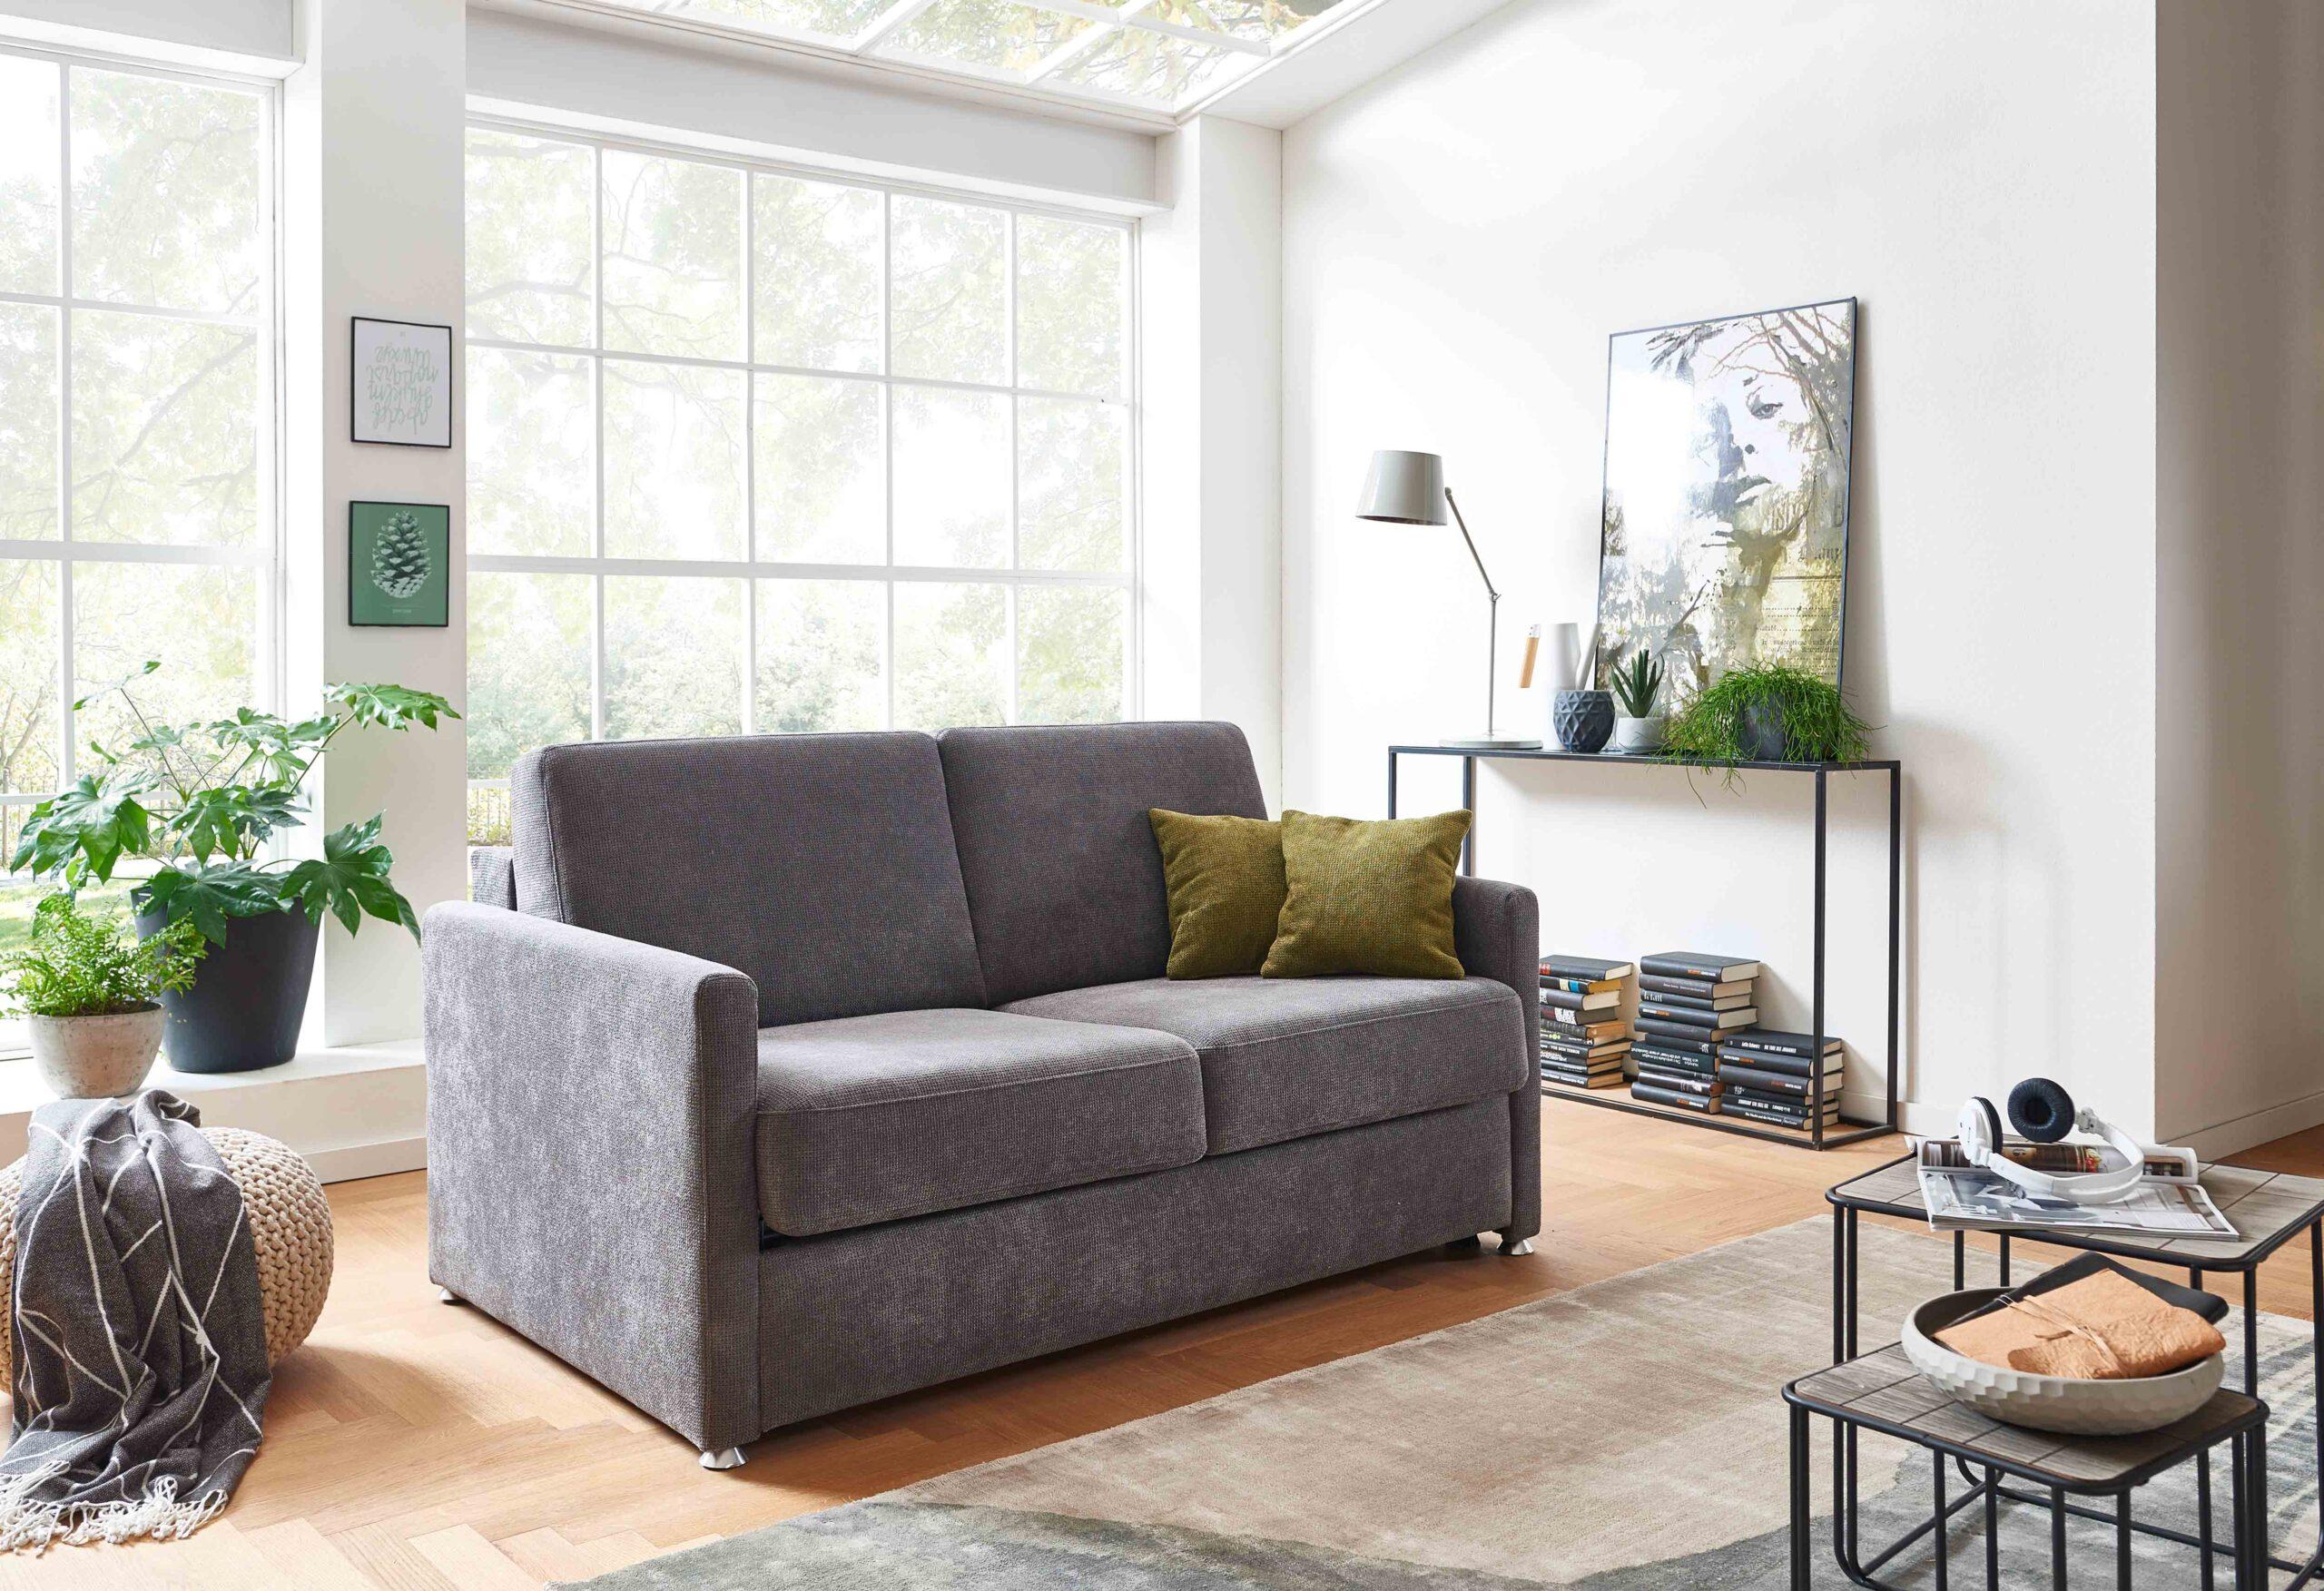 Full Size of Sofa Couch Kaufen Polstermbel Mbel Schaumann Landhausstil Esstisch Schlafzimmer Regal Bad Wohnzimmer Weiß Küche Betten Boxspring Bett Wohnzimmer Ledersofa Landhausstil